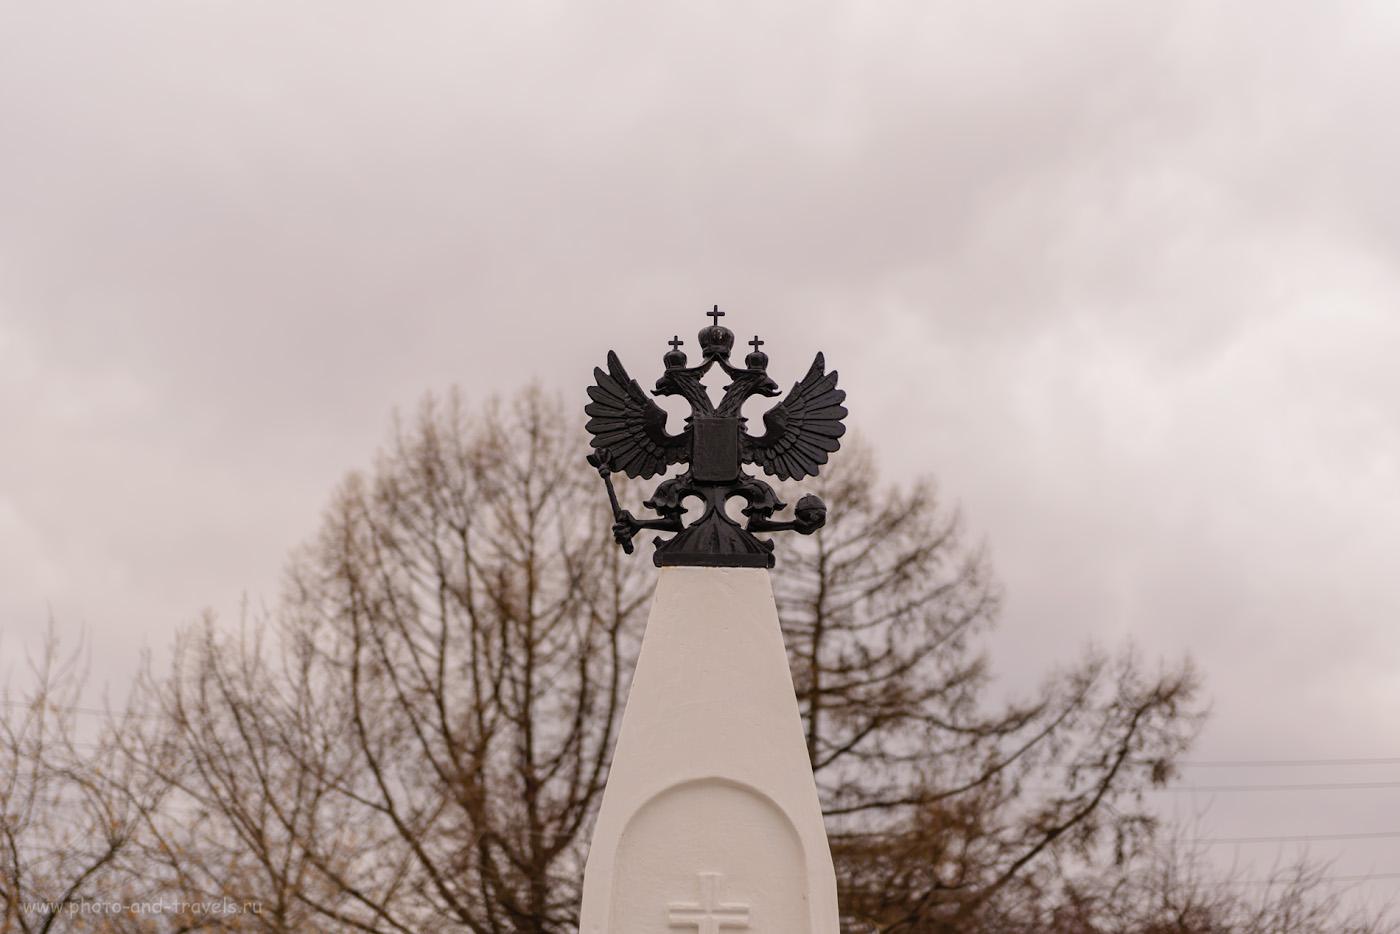 Фото 23. Двуглавый орел на памятнике морякам российского флота в Сысерти. Что интересного можно посмотреть по пути на озеро Тальков камень. 1/1000, +0.33, 2.8, 100, 70.